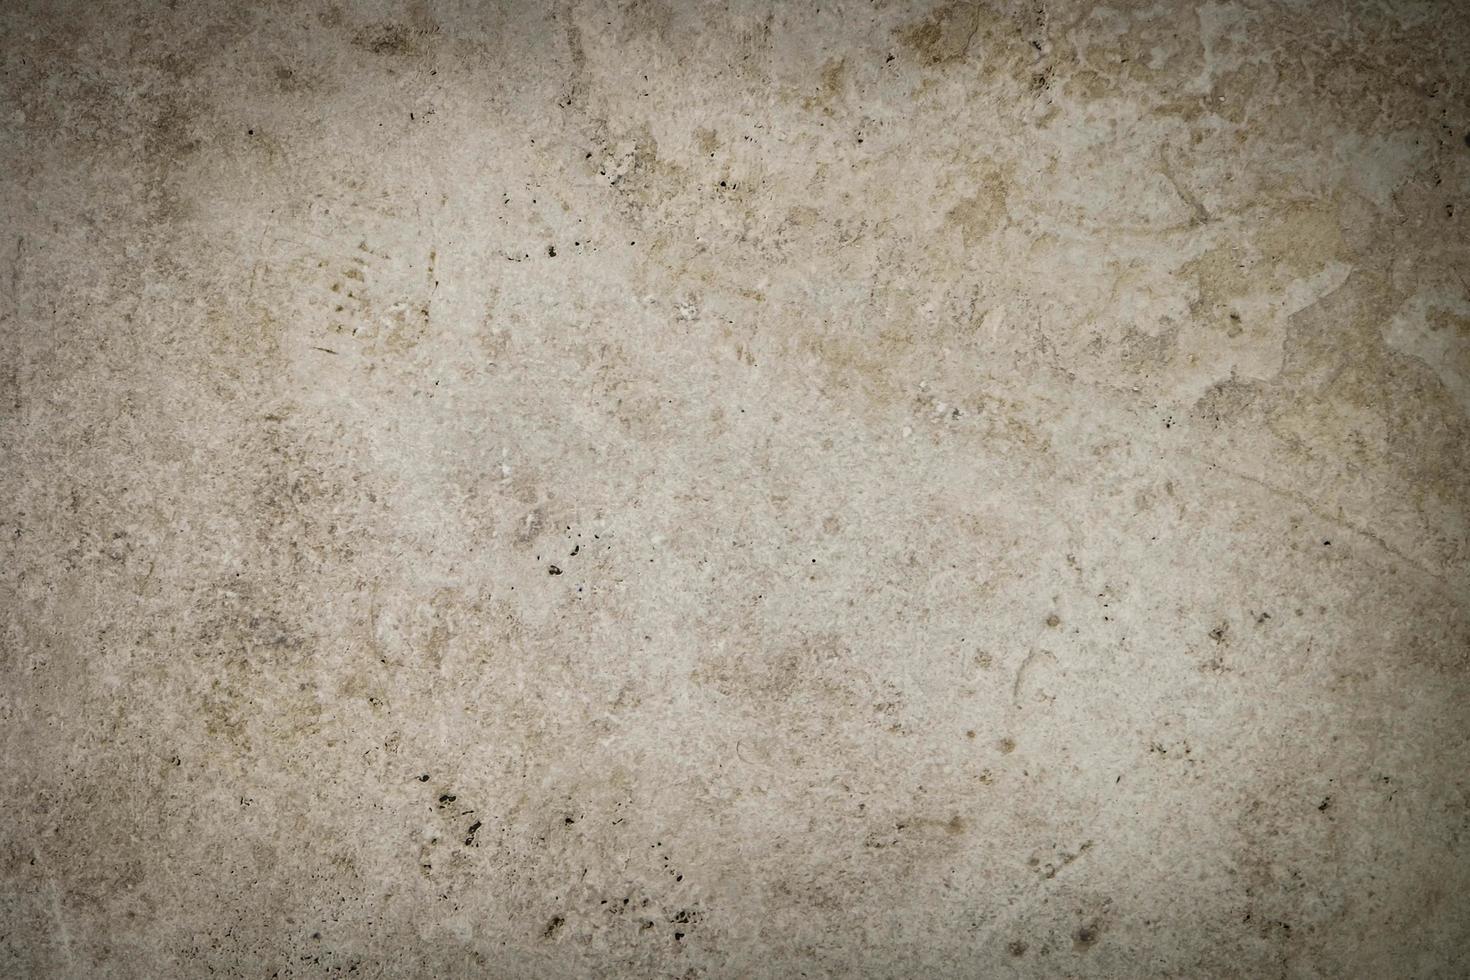 Zement Grunge Vintage Ton Hintergrund foto